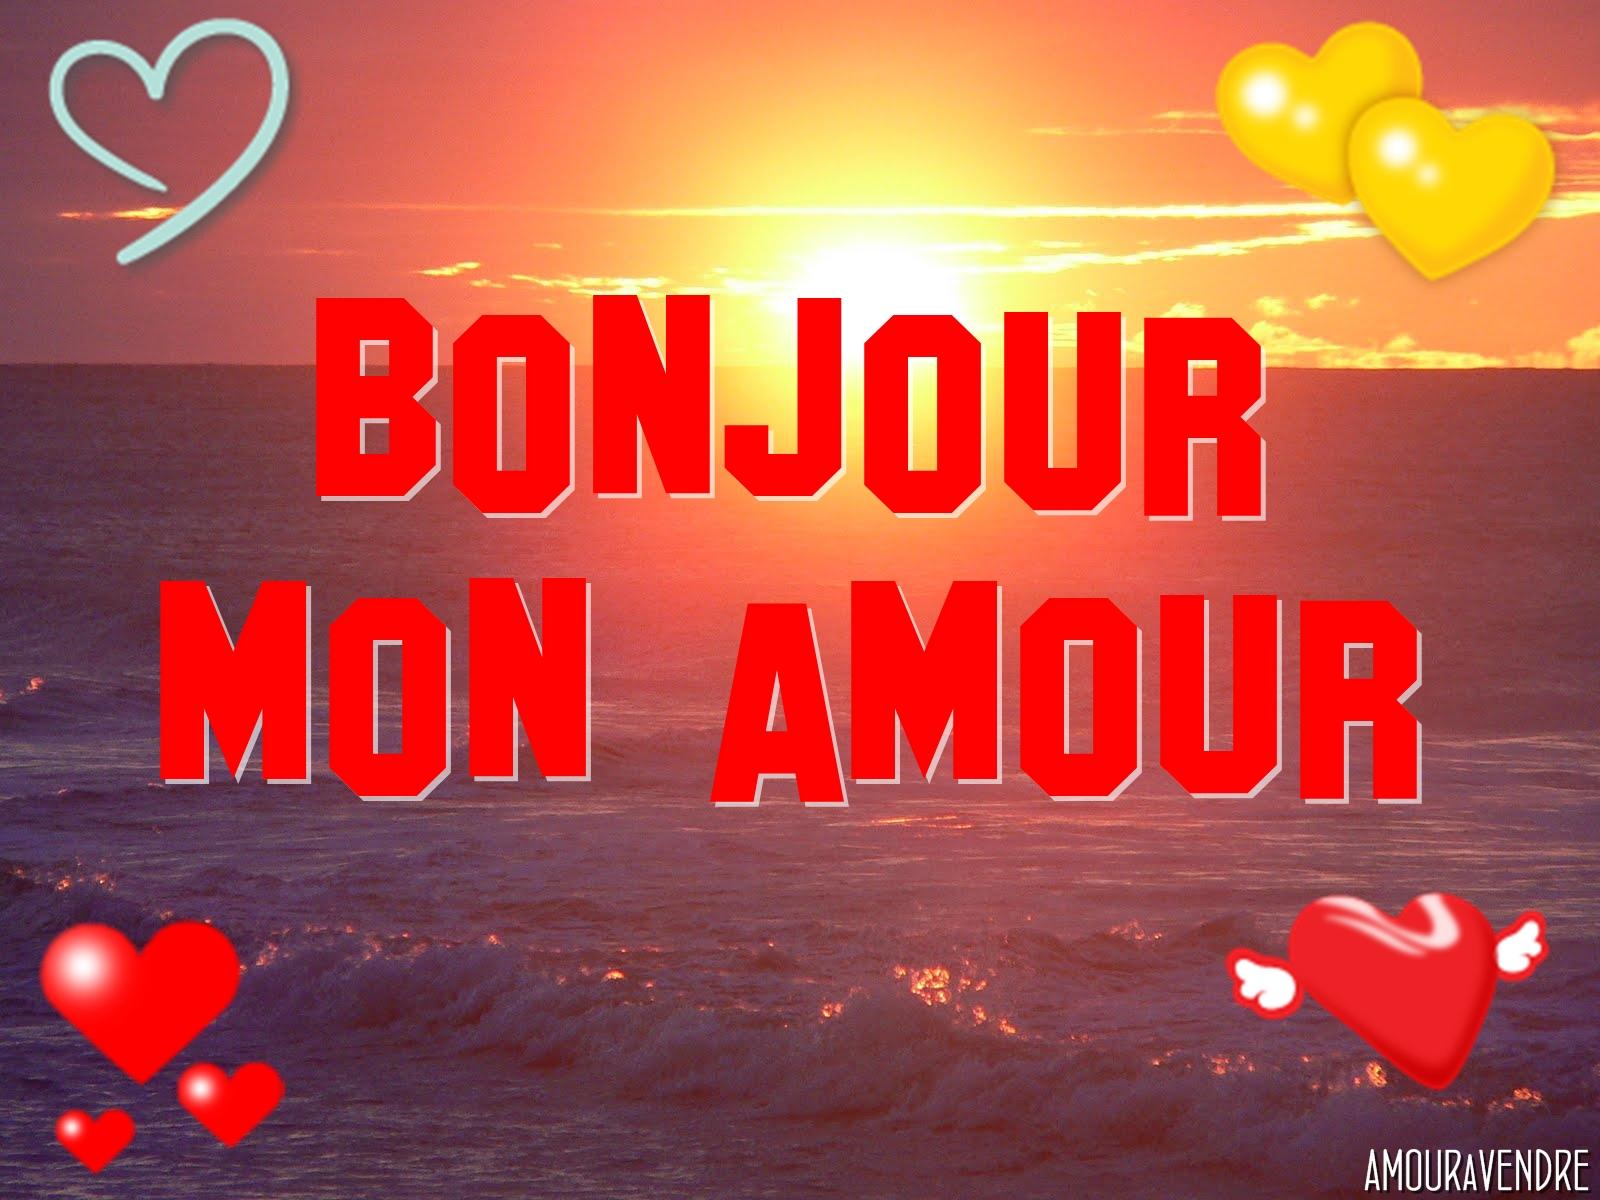 Exceptionnel SMS d'amour Bonjour à son amour | les meilleurs SMS d'amour 2015 EB87